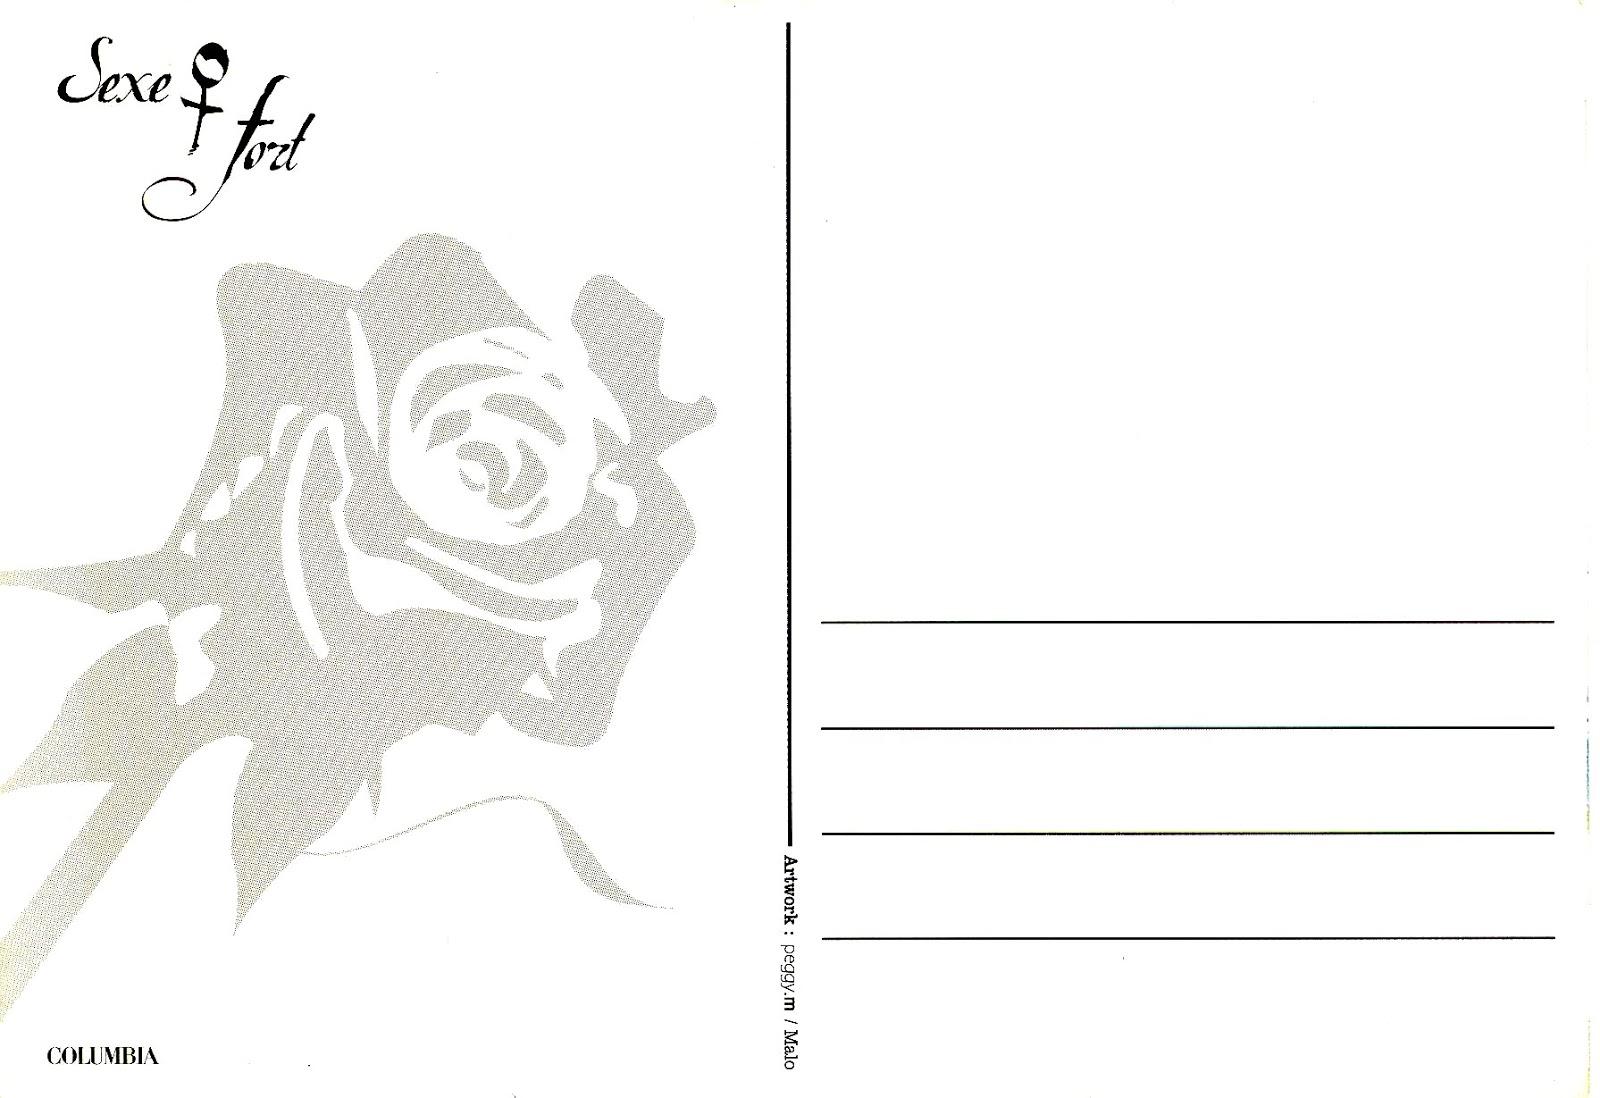 http://1.bp.blogspot.com/-ZAELrJm8Na4/UJ15aNU1kkI/AAAAAAAAUDk/NU-7M-CyCs8/s1600/sexefortpostcard2.jpg